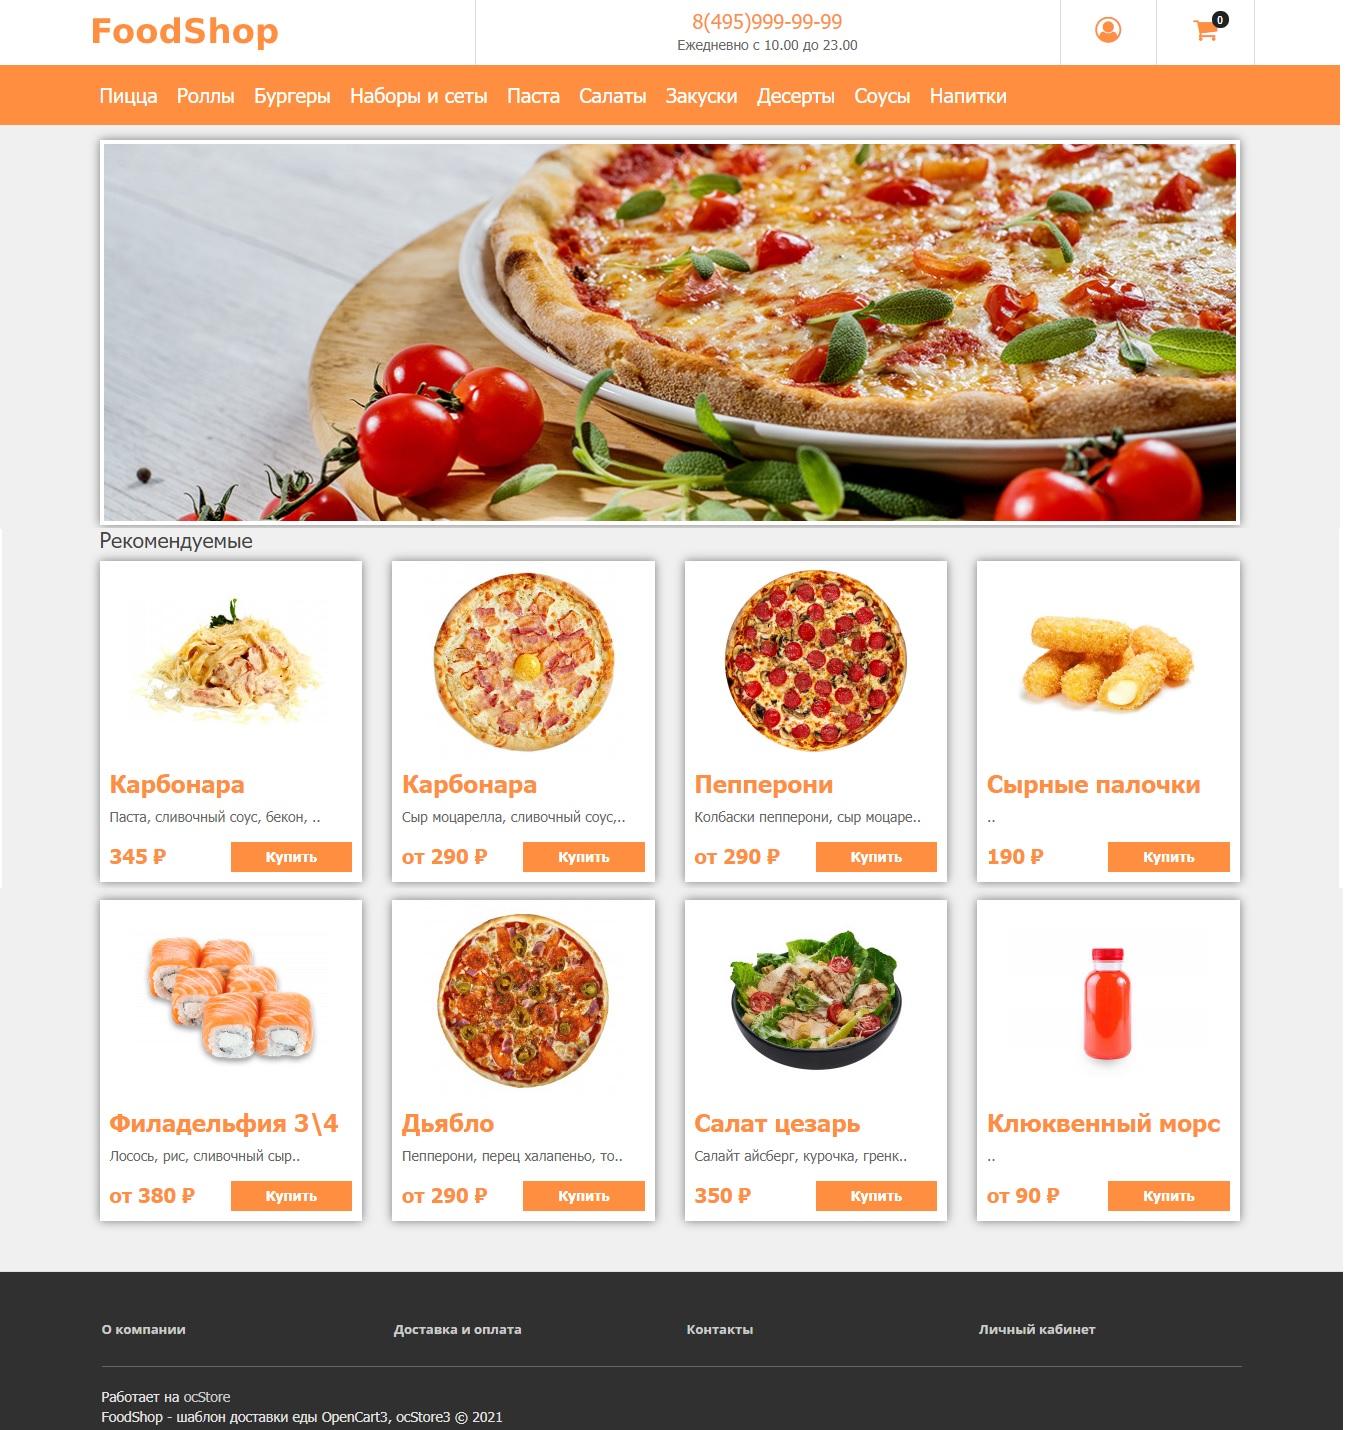 FoodShop - шаблон доставки еды